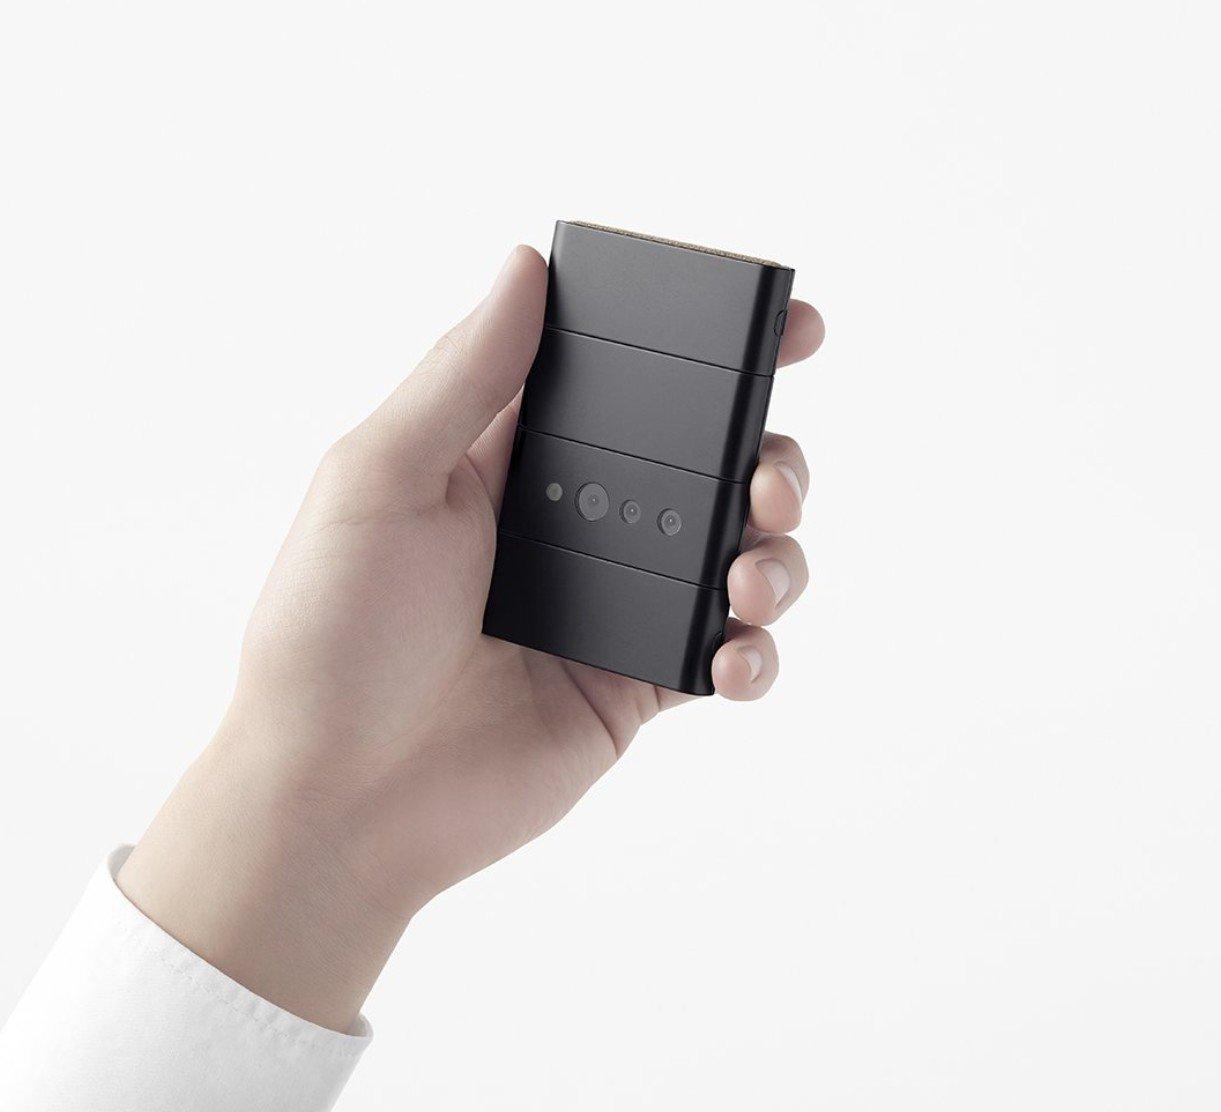 Ce concept Oppo de smartphone pliable à 3 écrans est très séduisant